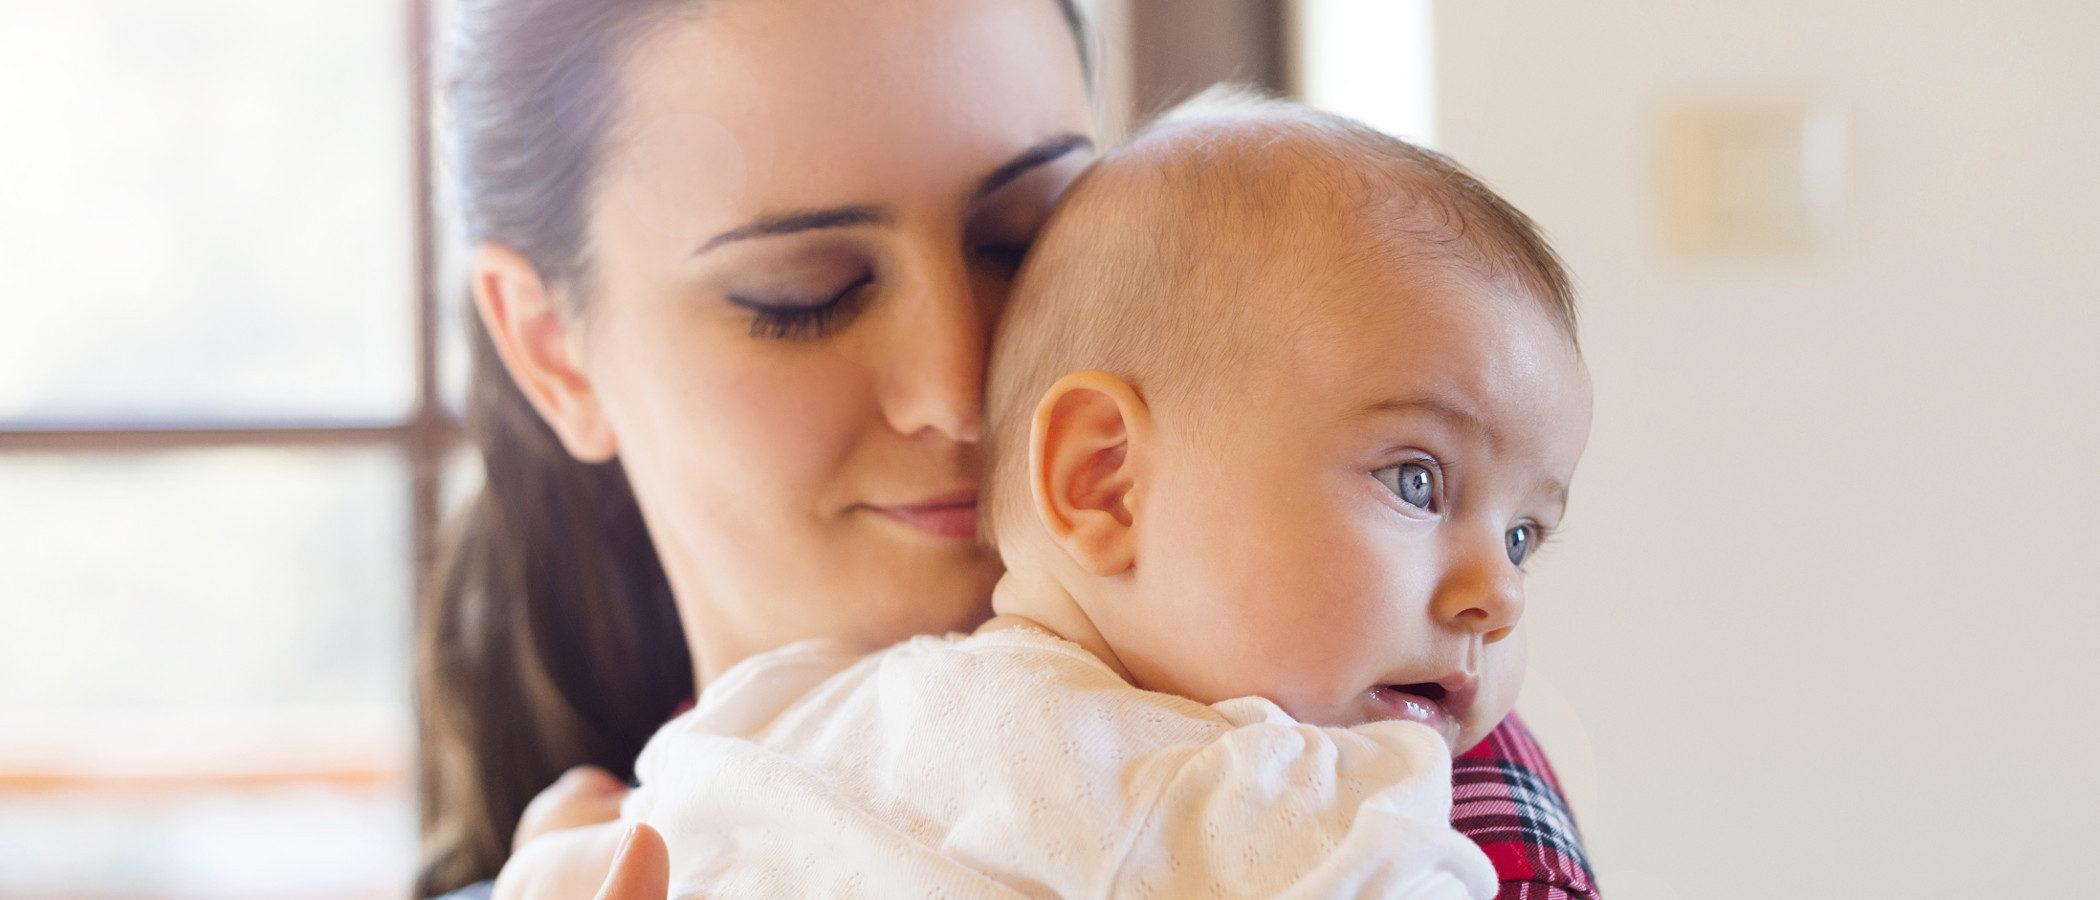 Cómo ayudar a tu bebé a expulsar los gases correctamente